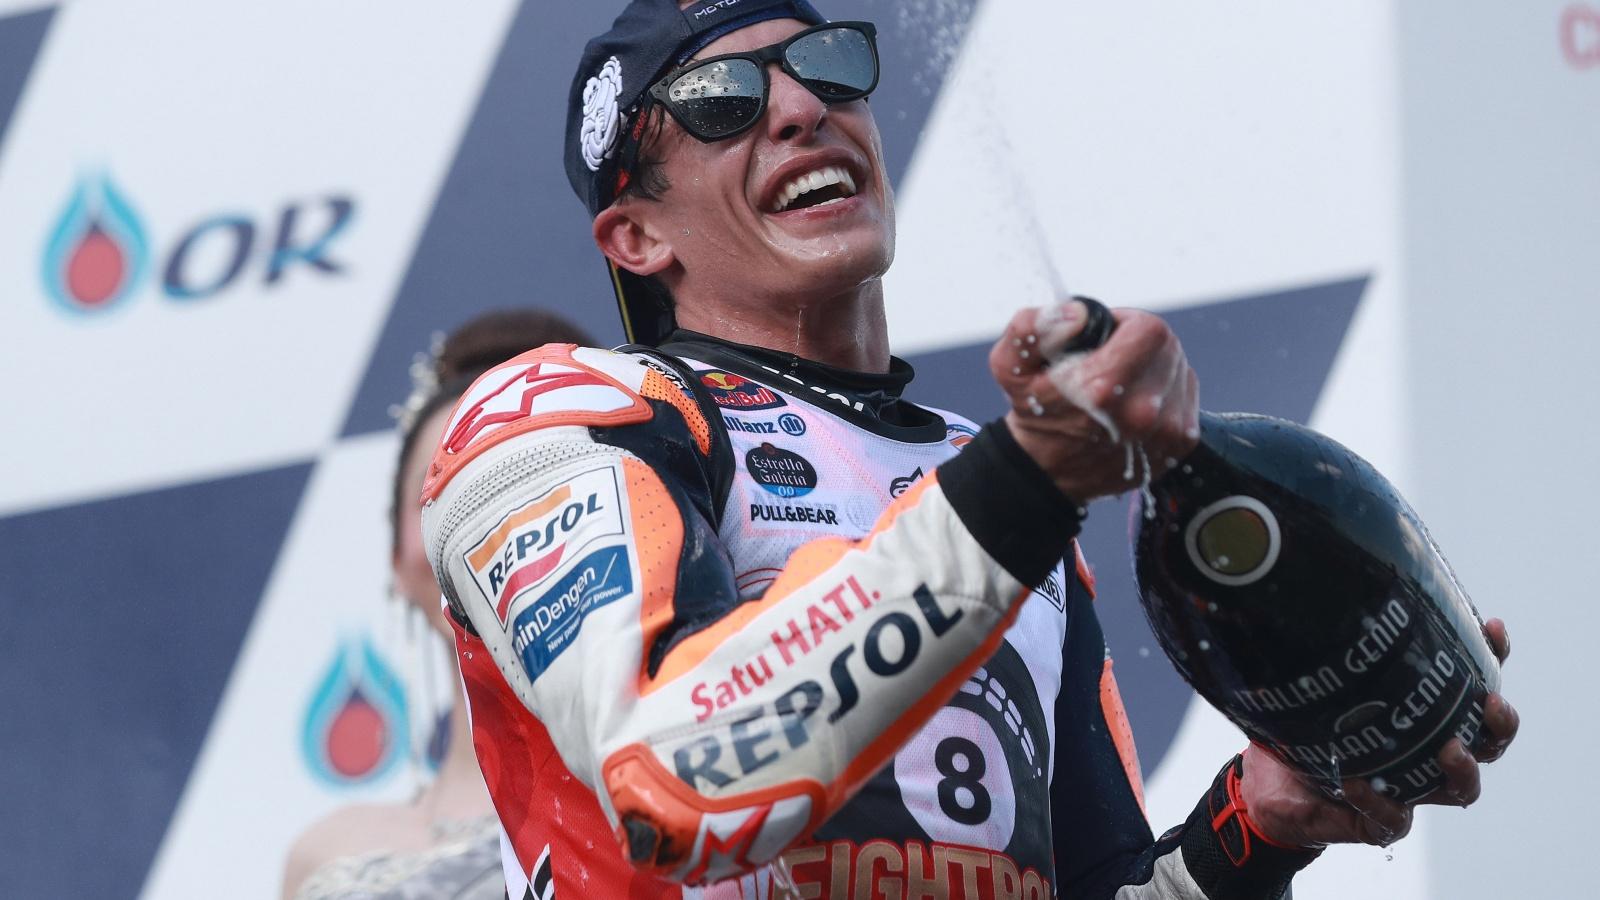 Los 26 años de Marc Márquez, la edad más propicia para conquistar MotoGP